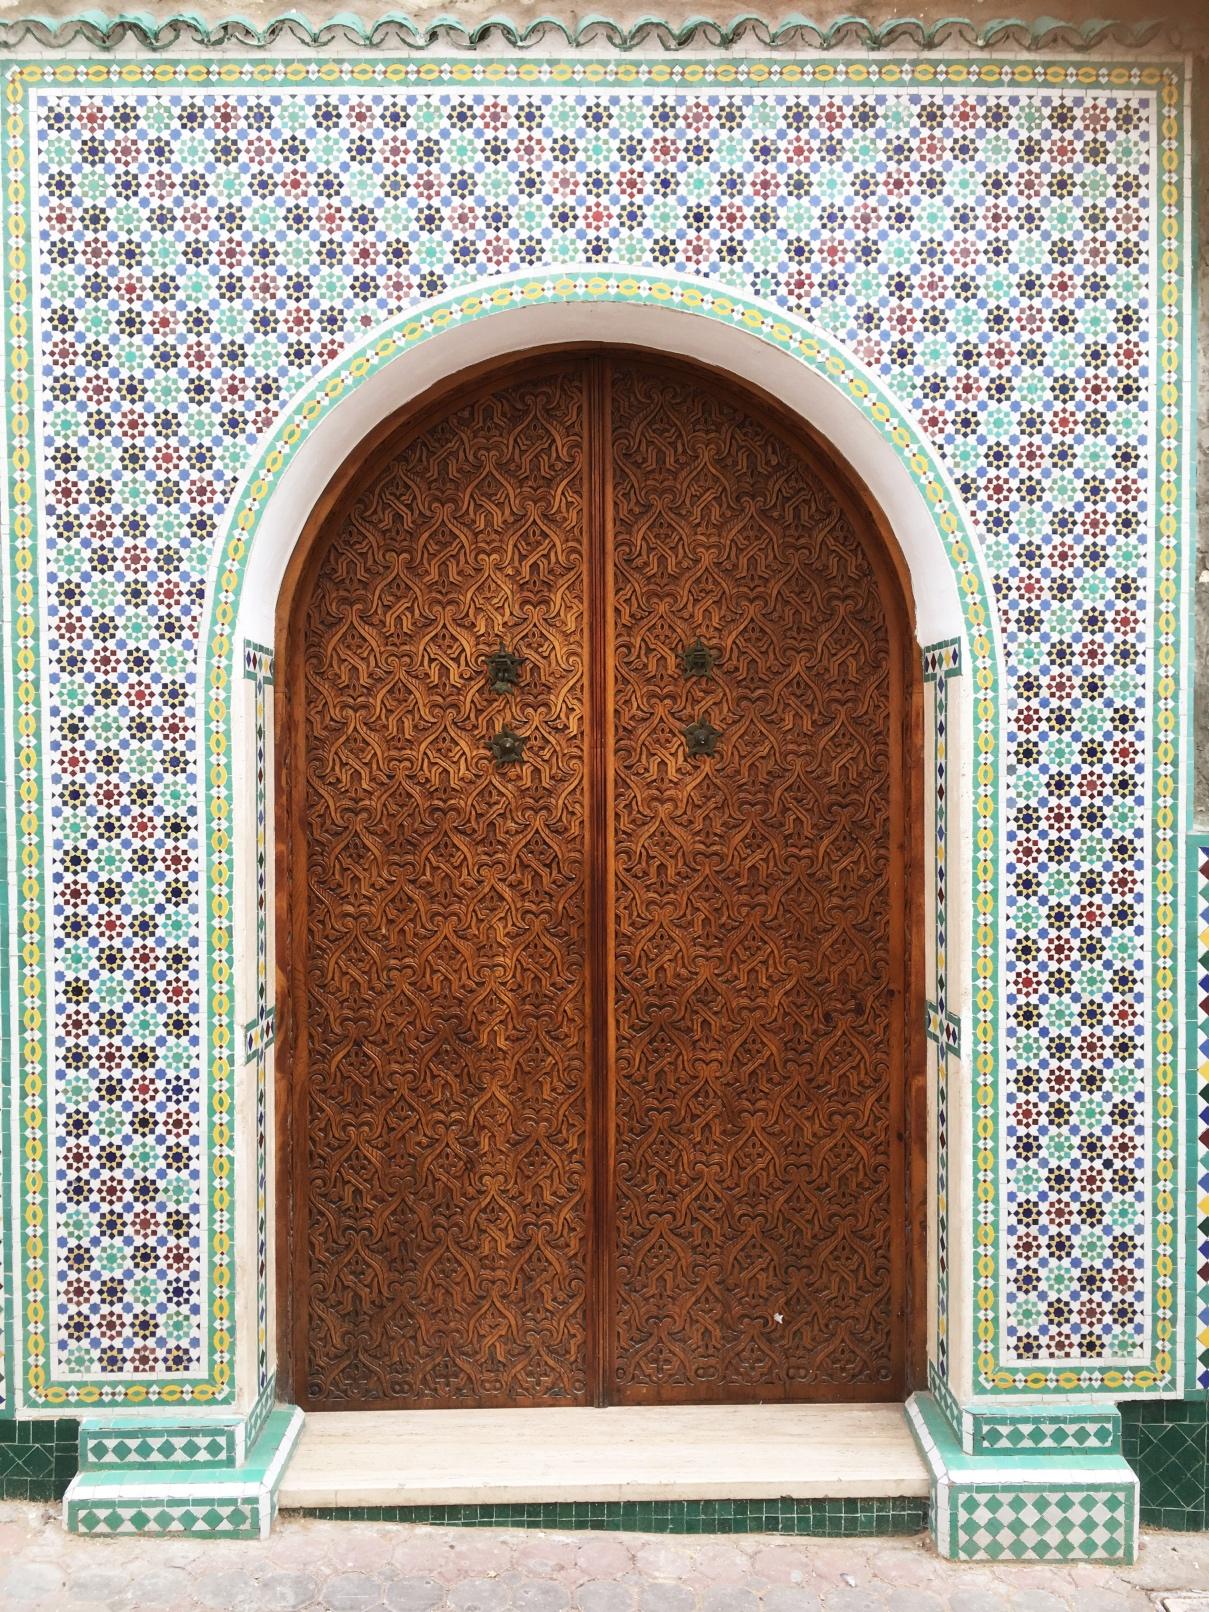 MoroccoTiles4.jpg